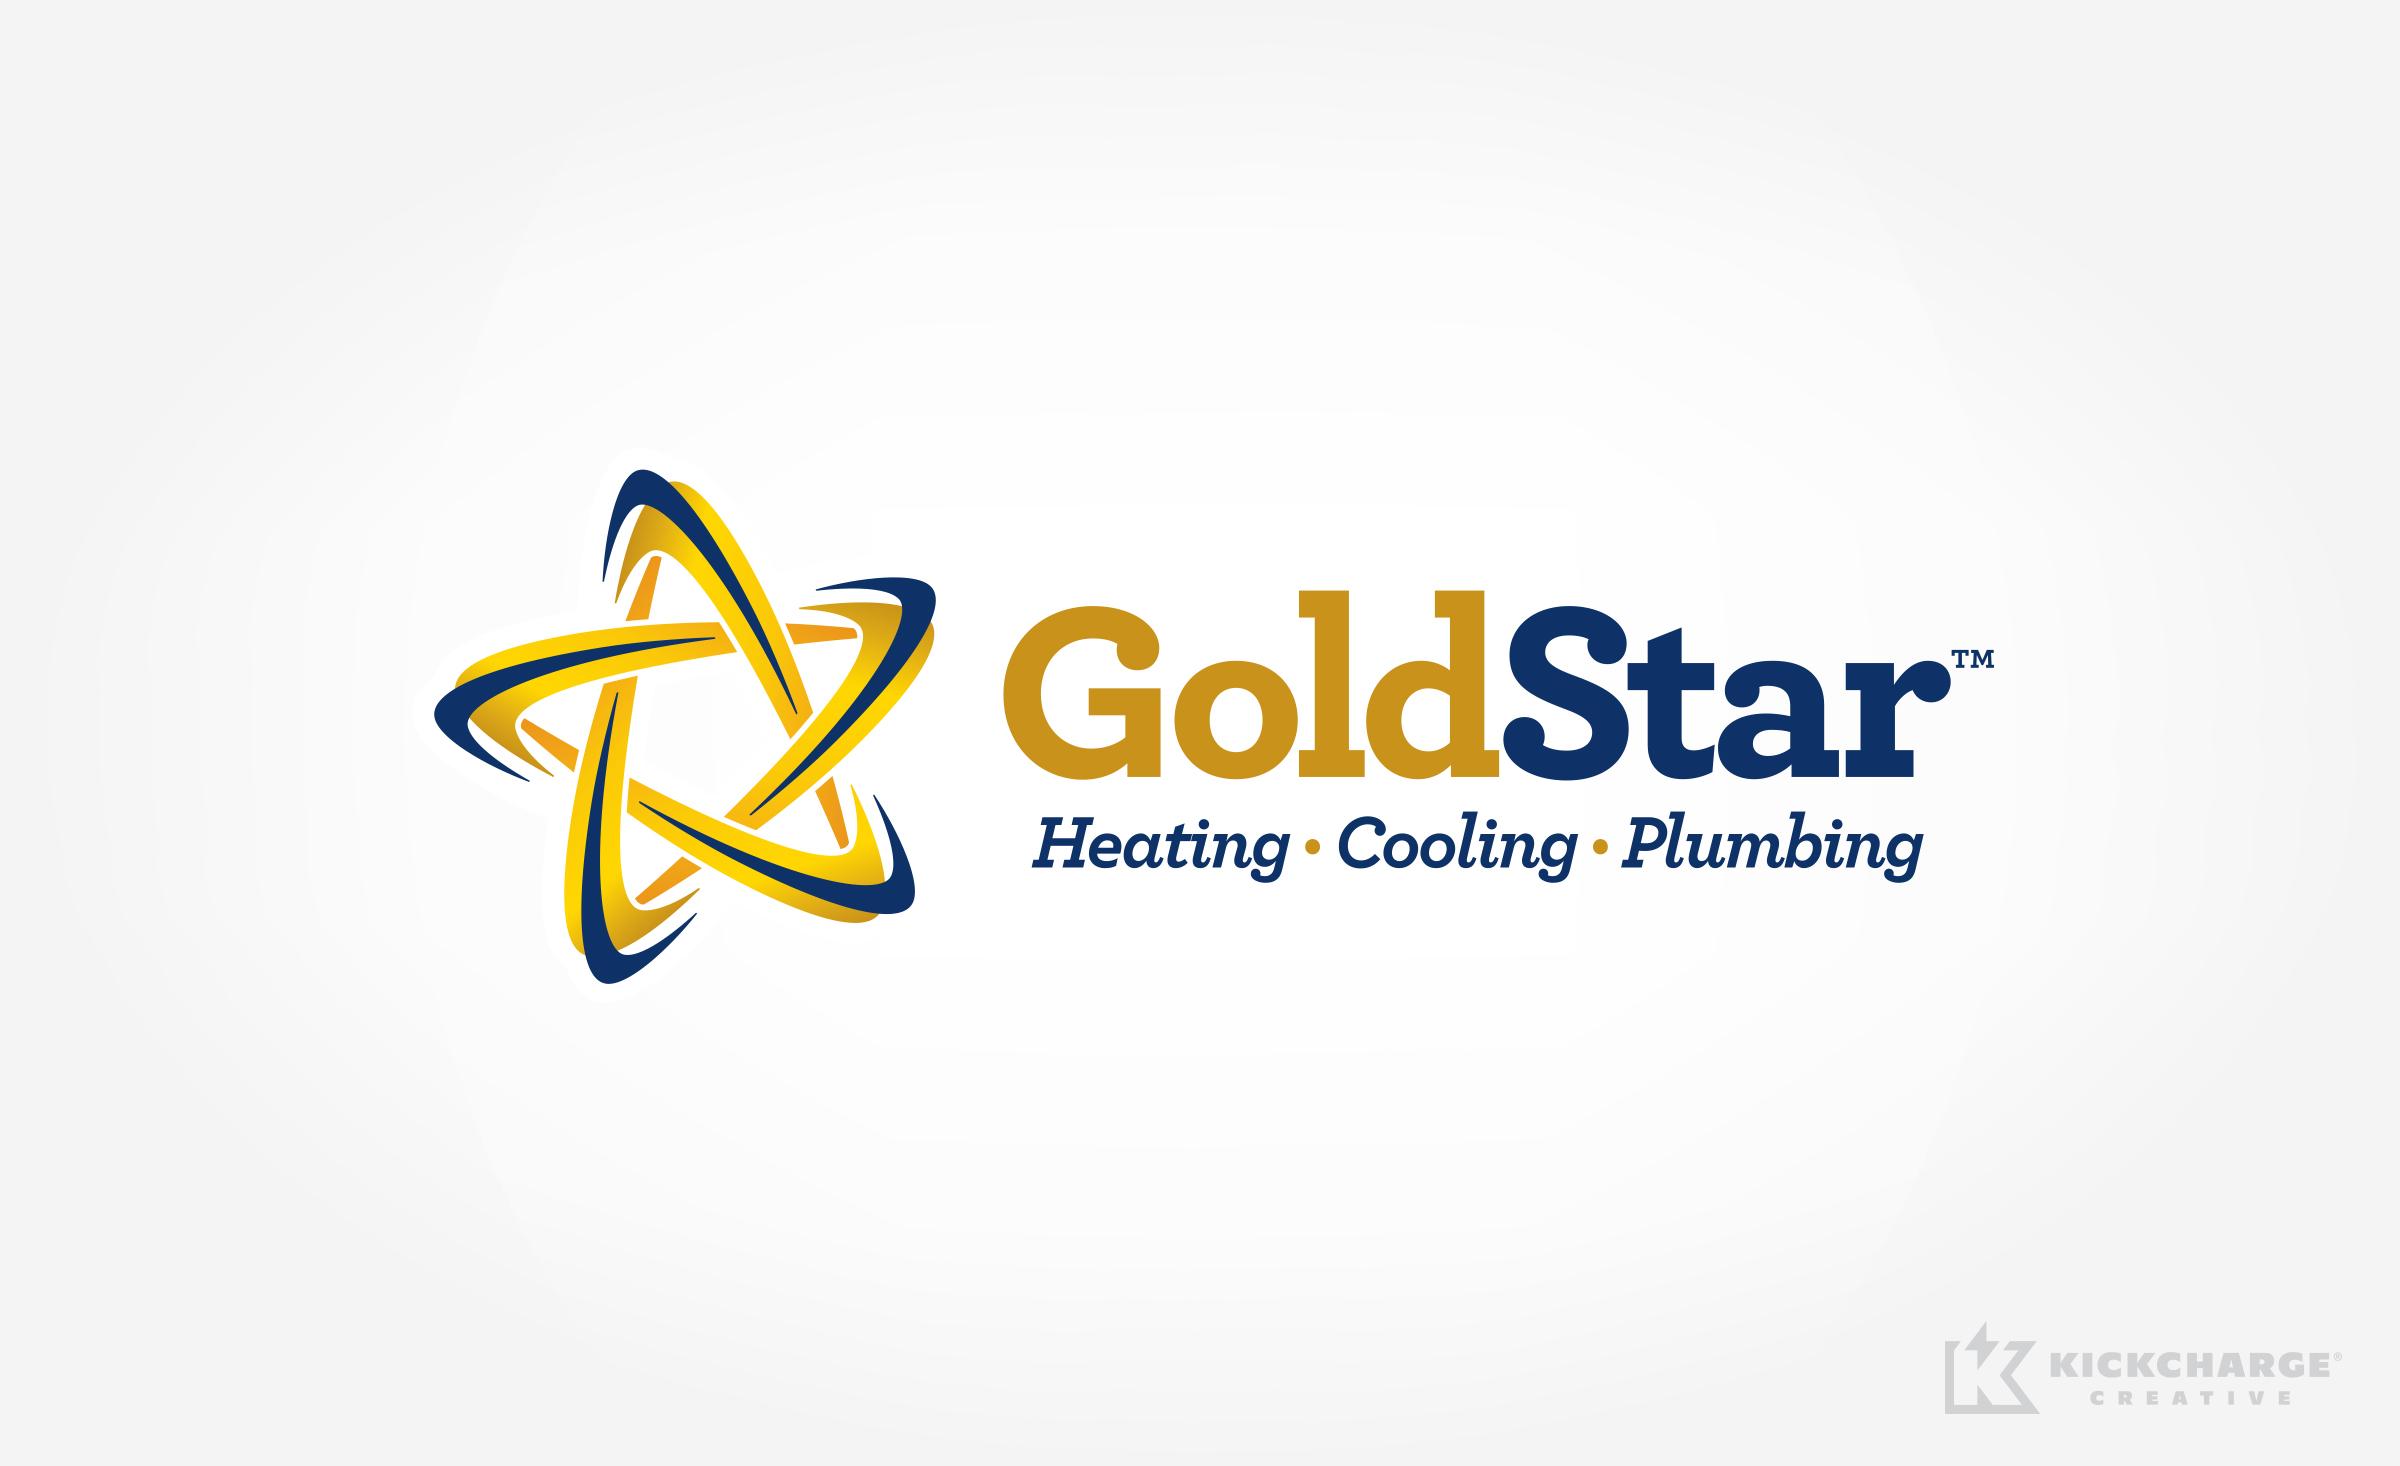 hvac logo for GoldStar